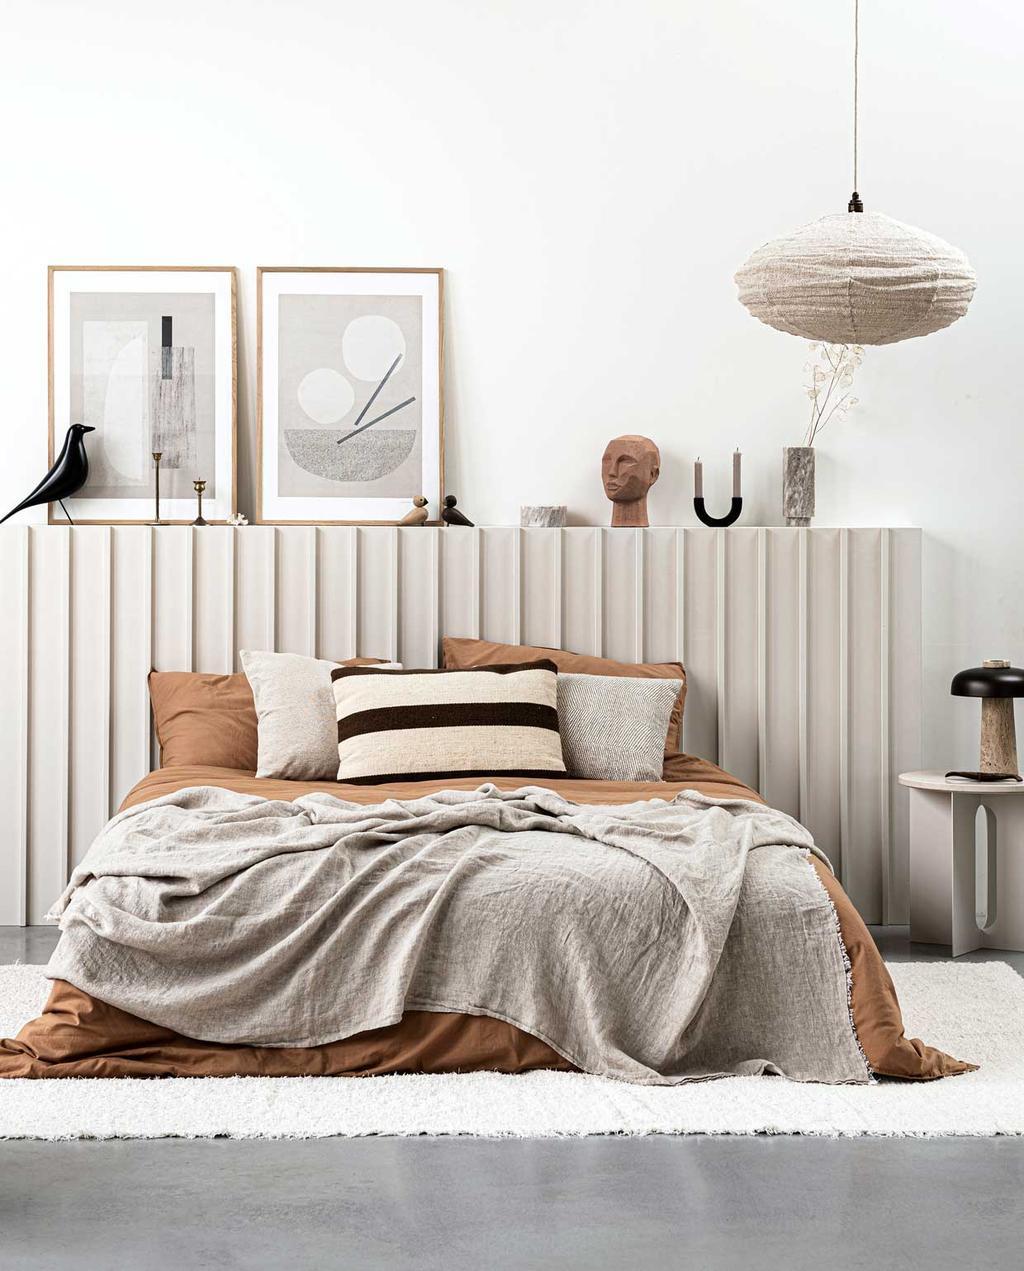 kunst in de slaapkamer | beddengoed | naturel | lichte slaapkamer